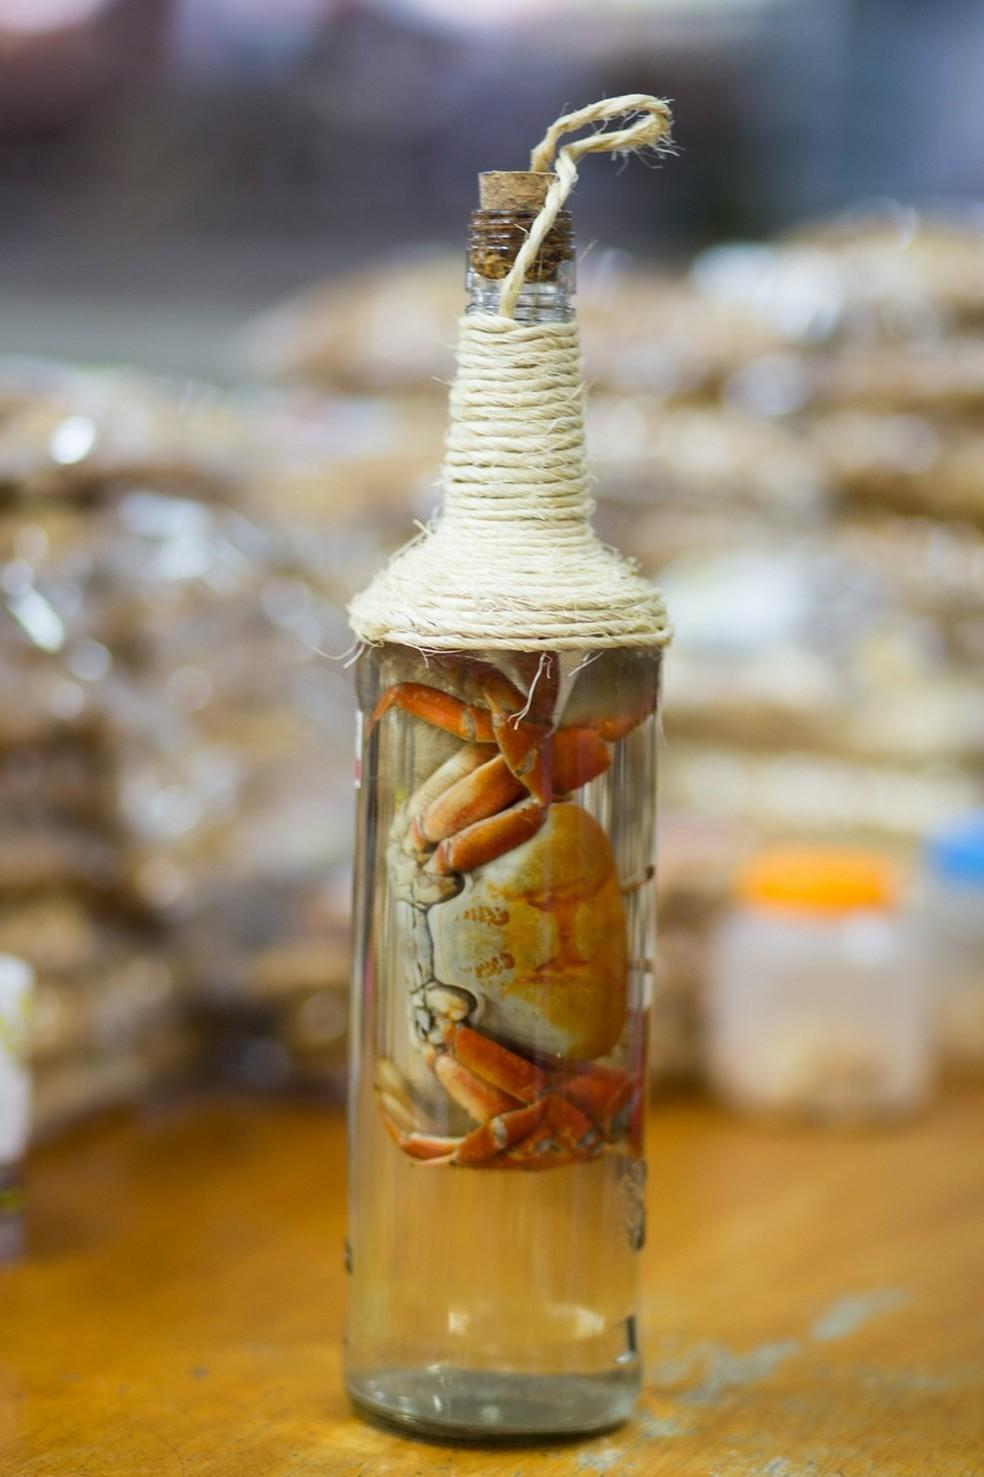 Cachaça com caranguejo é um dos itens exóticos encontrados em Fortaleza — Foto: Fernanda Siebra/Sistema Verdes Mares